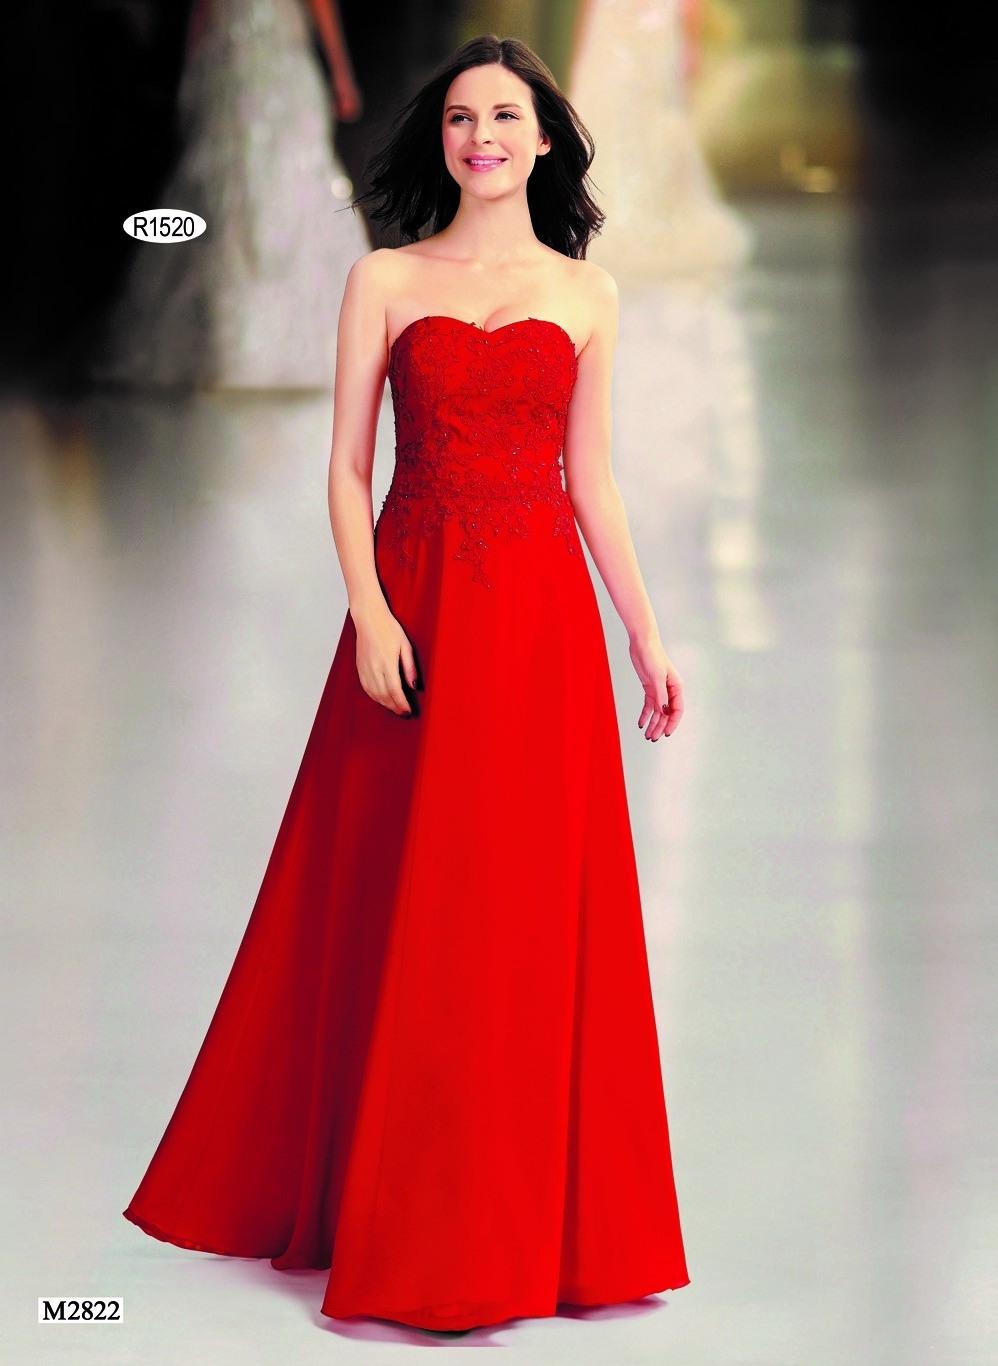 Abend Elegant Abend Kleider München Vertrieb - Abendkleid